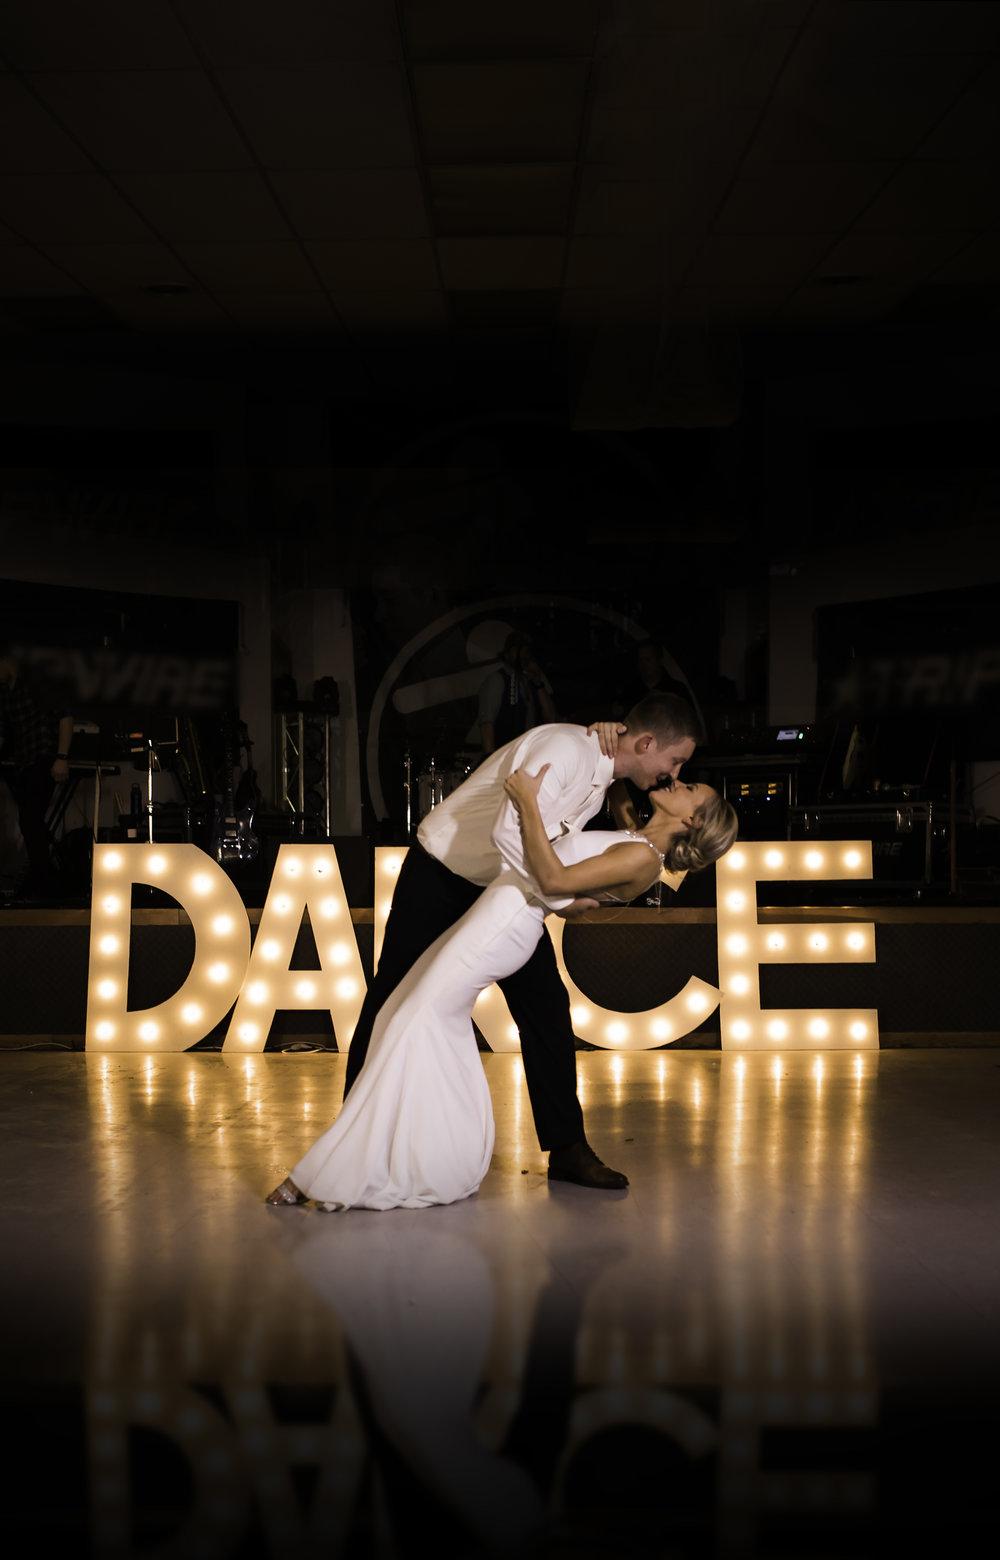 Dance Wedding - Sioux Falls Wedding - South Dakota Wedding